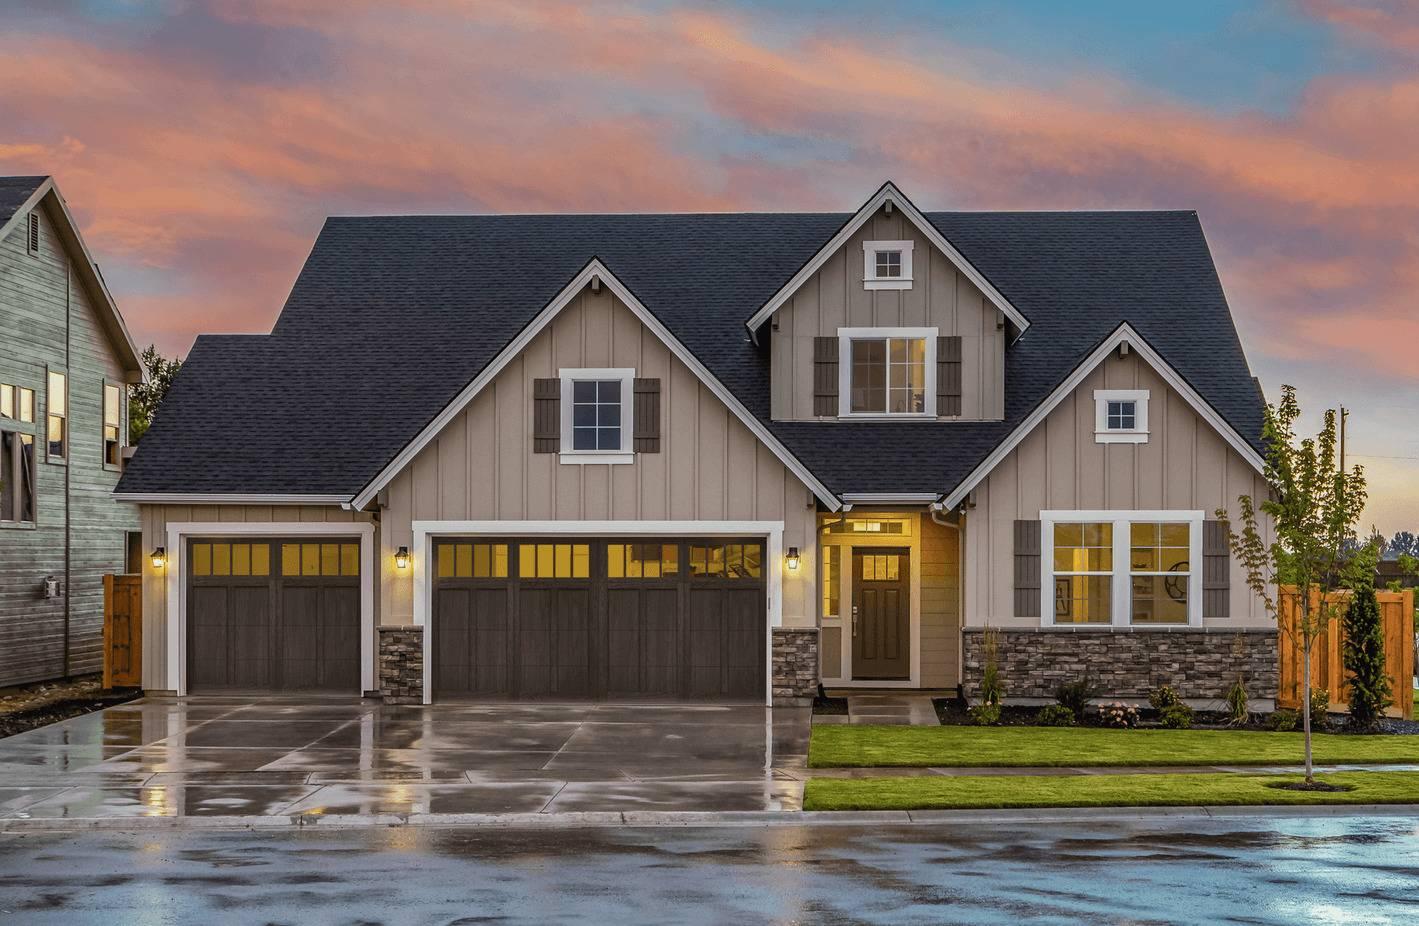 Shoreline Garage Door - Garage Door Services, Inc.